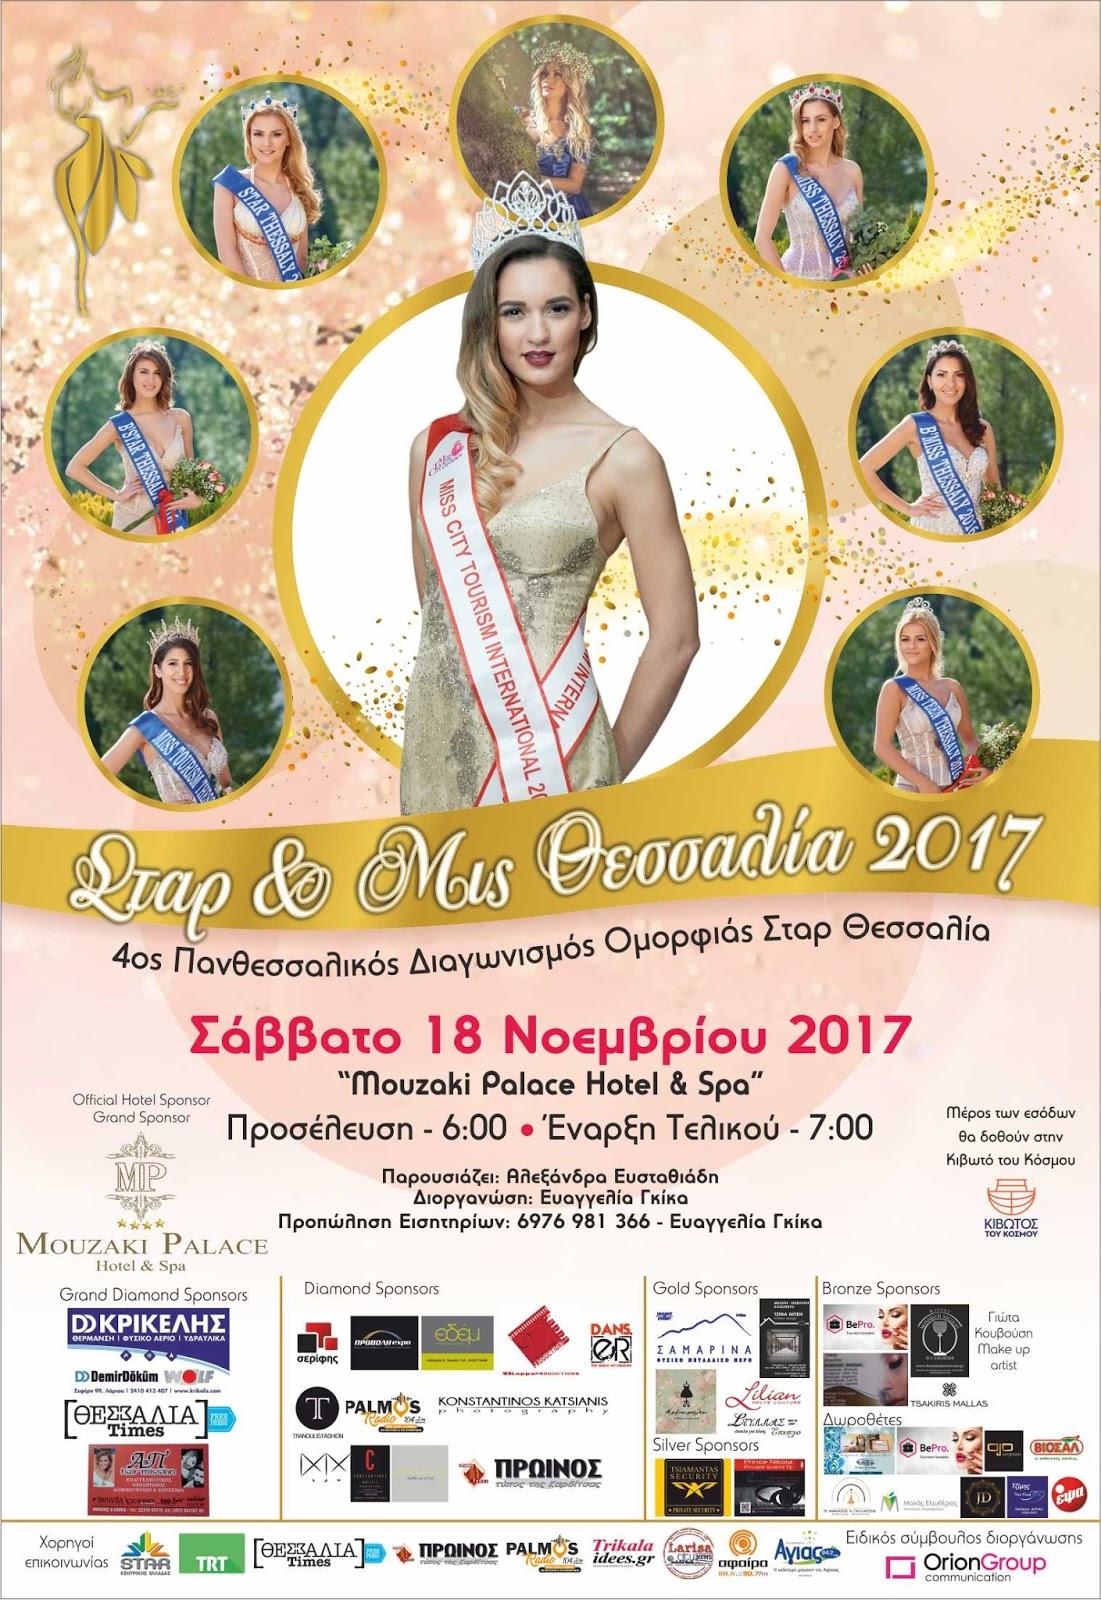 Star & Miss Θεσσαλία 2017: Η ώρα του Μεγάλου Πανθεσσαλικού Διαγωνισμού Ομορφιάς έφτασε ! (ΦΩΤΟ-VIDEO)